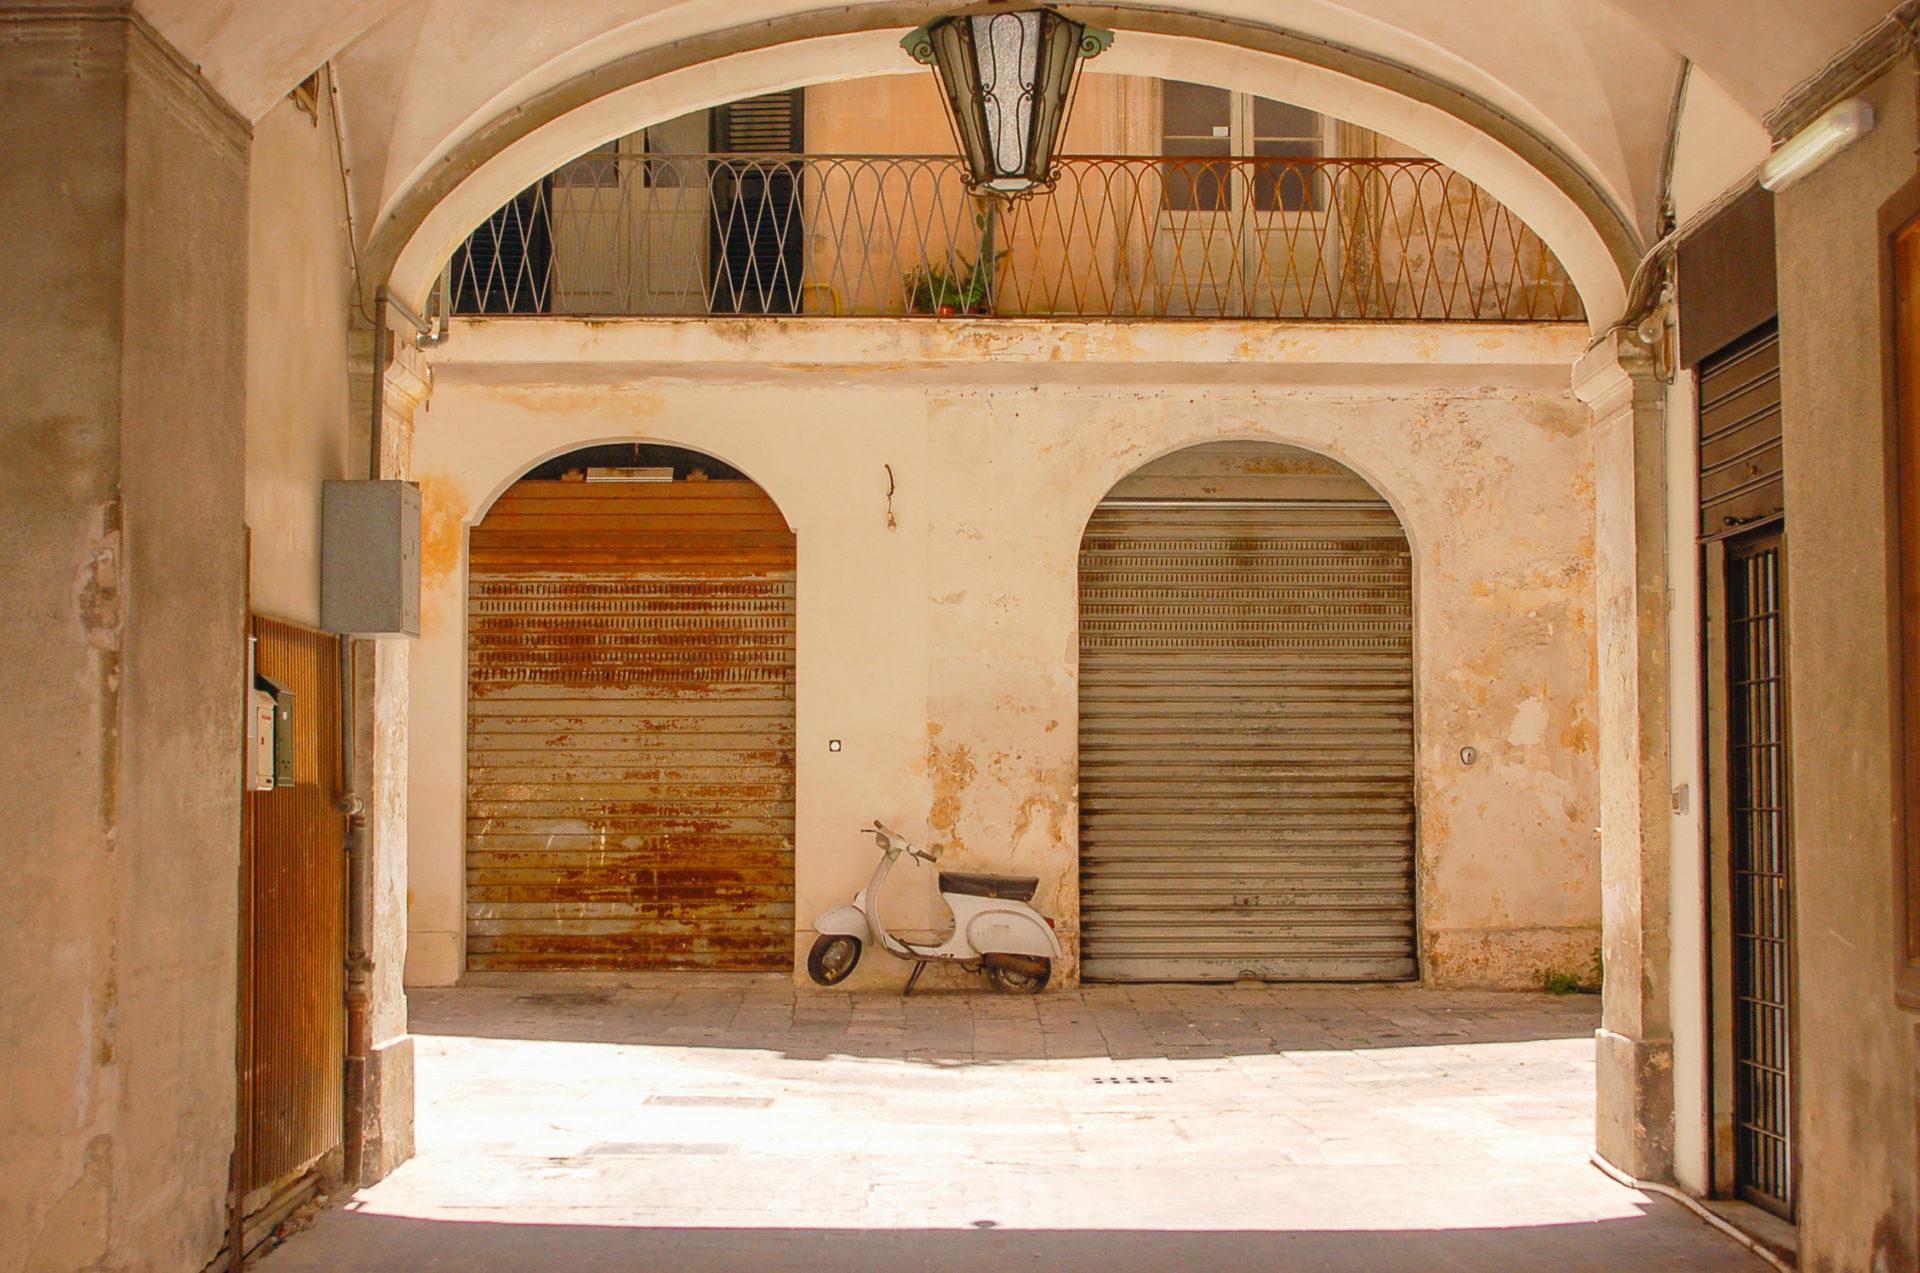 Häuser mit Arkaden und Vespa in der süditalienischen Stadt Lecce